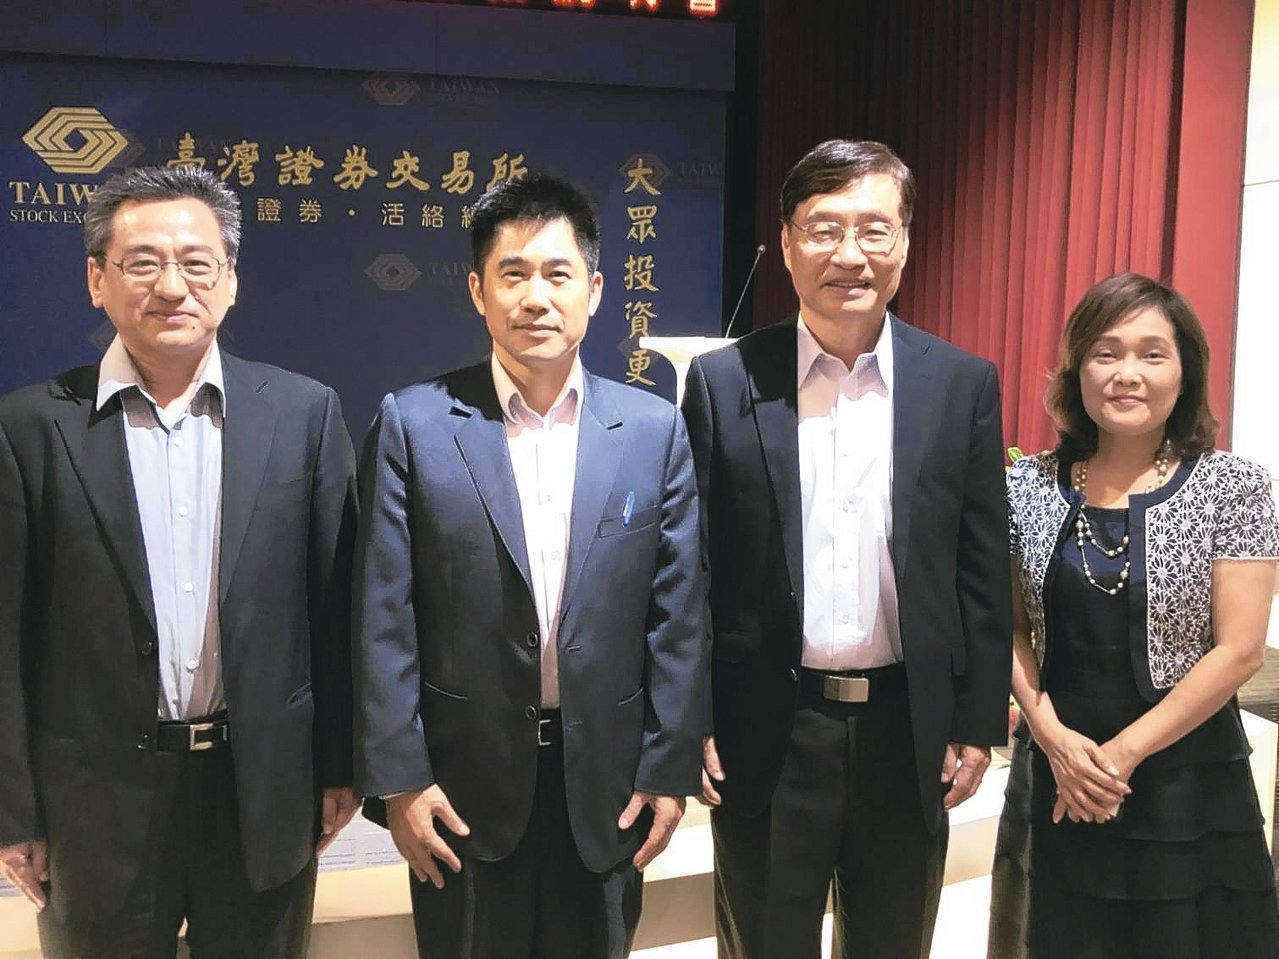 無敵科技總經理李圍正(左二) (本報系資料庫)